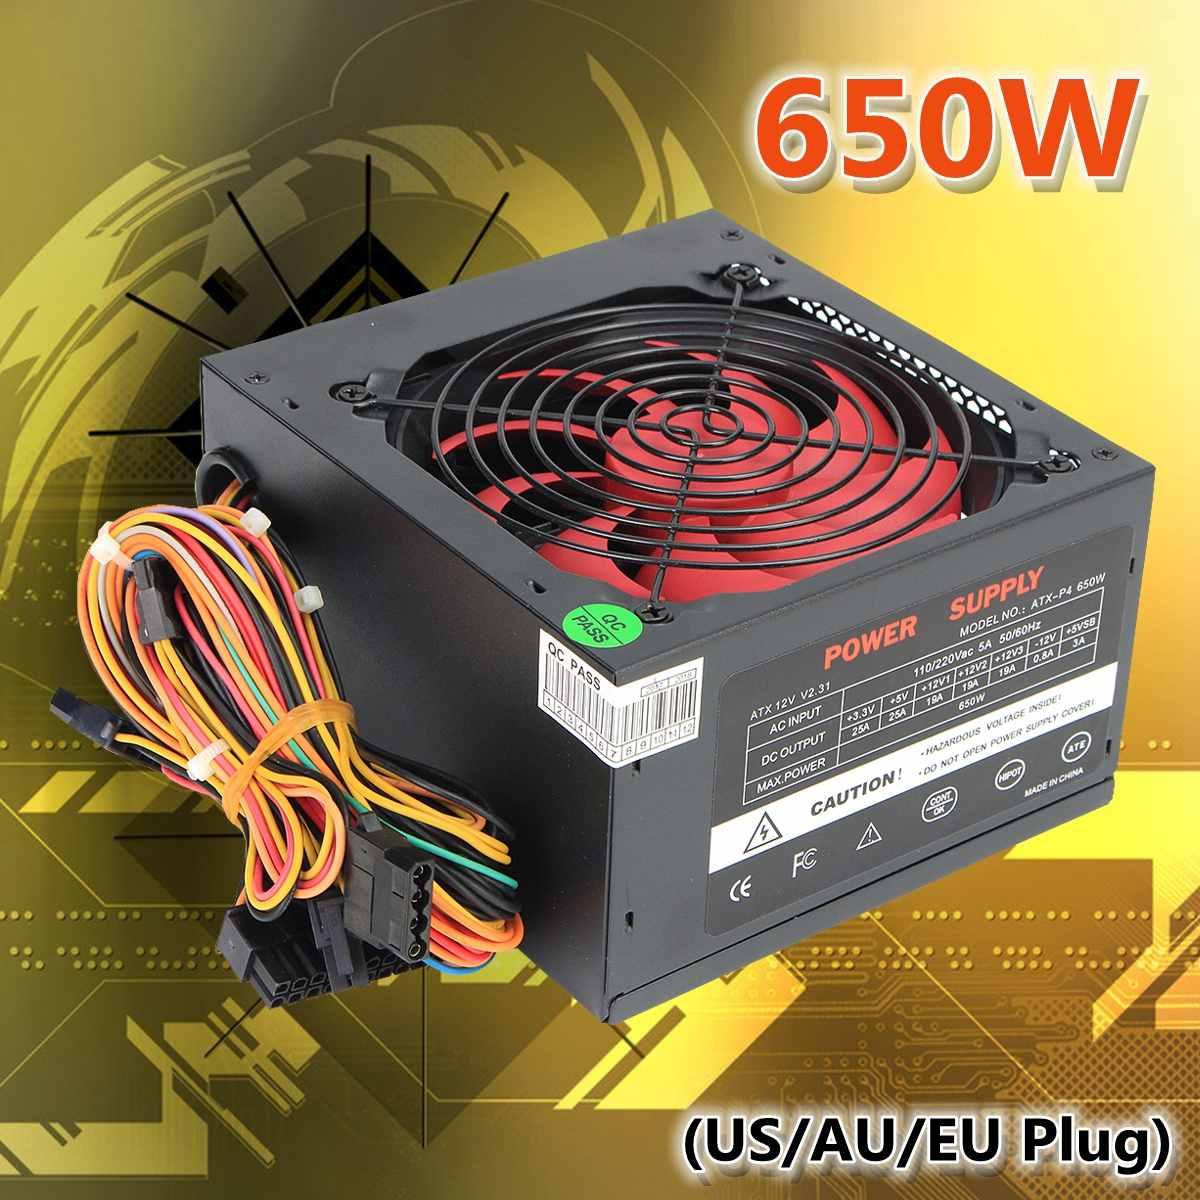 650W PC fuente de alimentación ordenador PC CPU fuente de alimentación 20 + 4-pin 12cm ventiladores ATX 12V Molex PCIE w/SATA PCIE